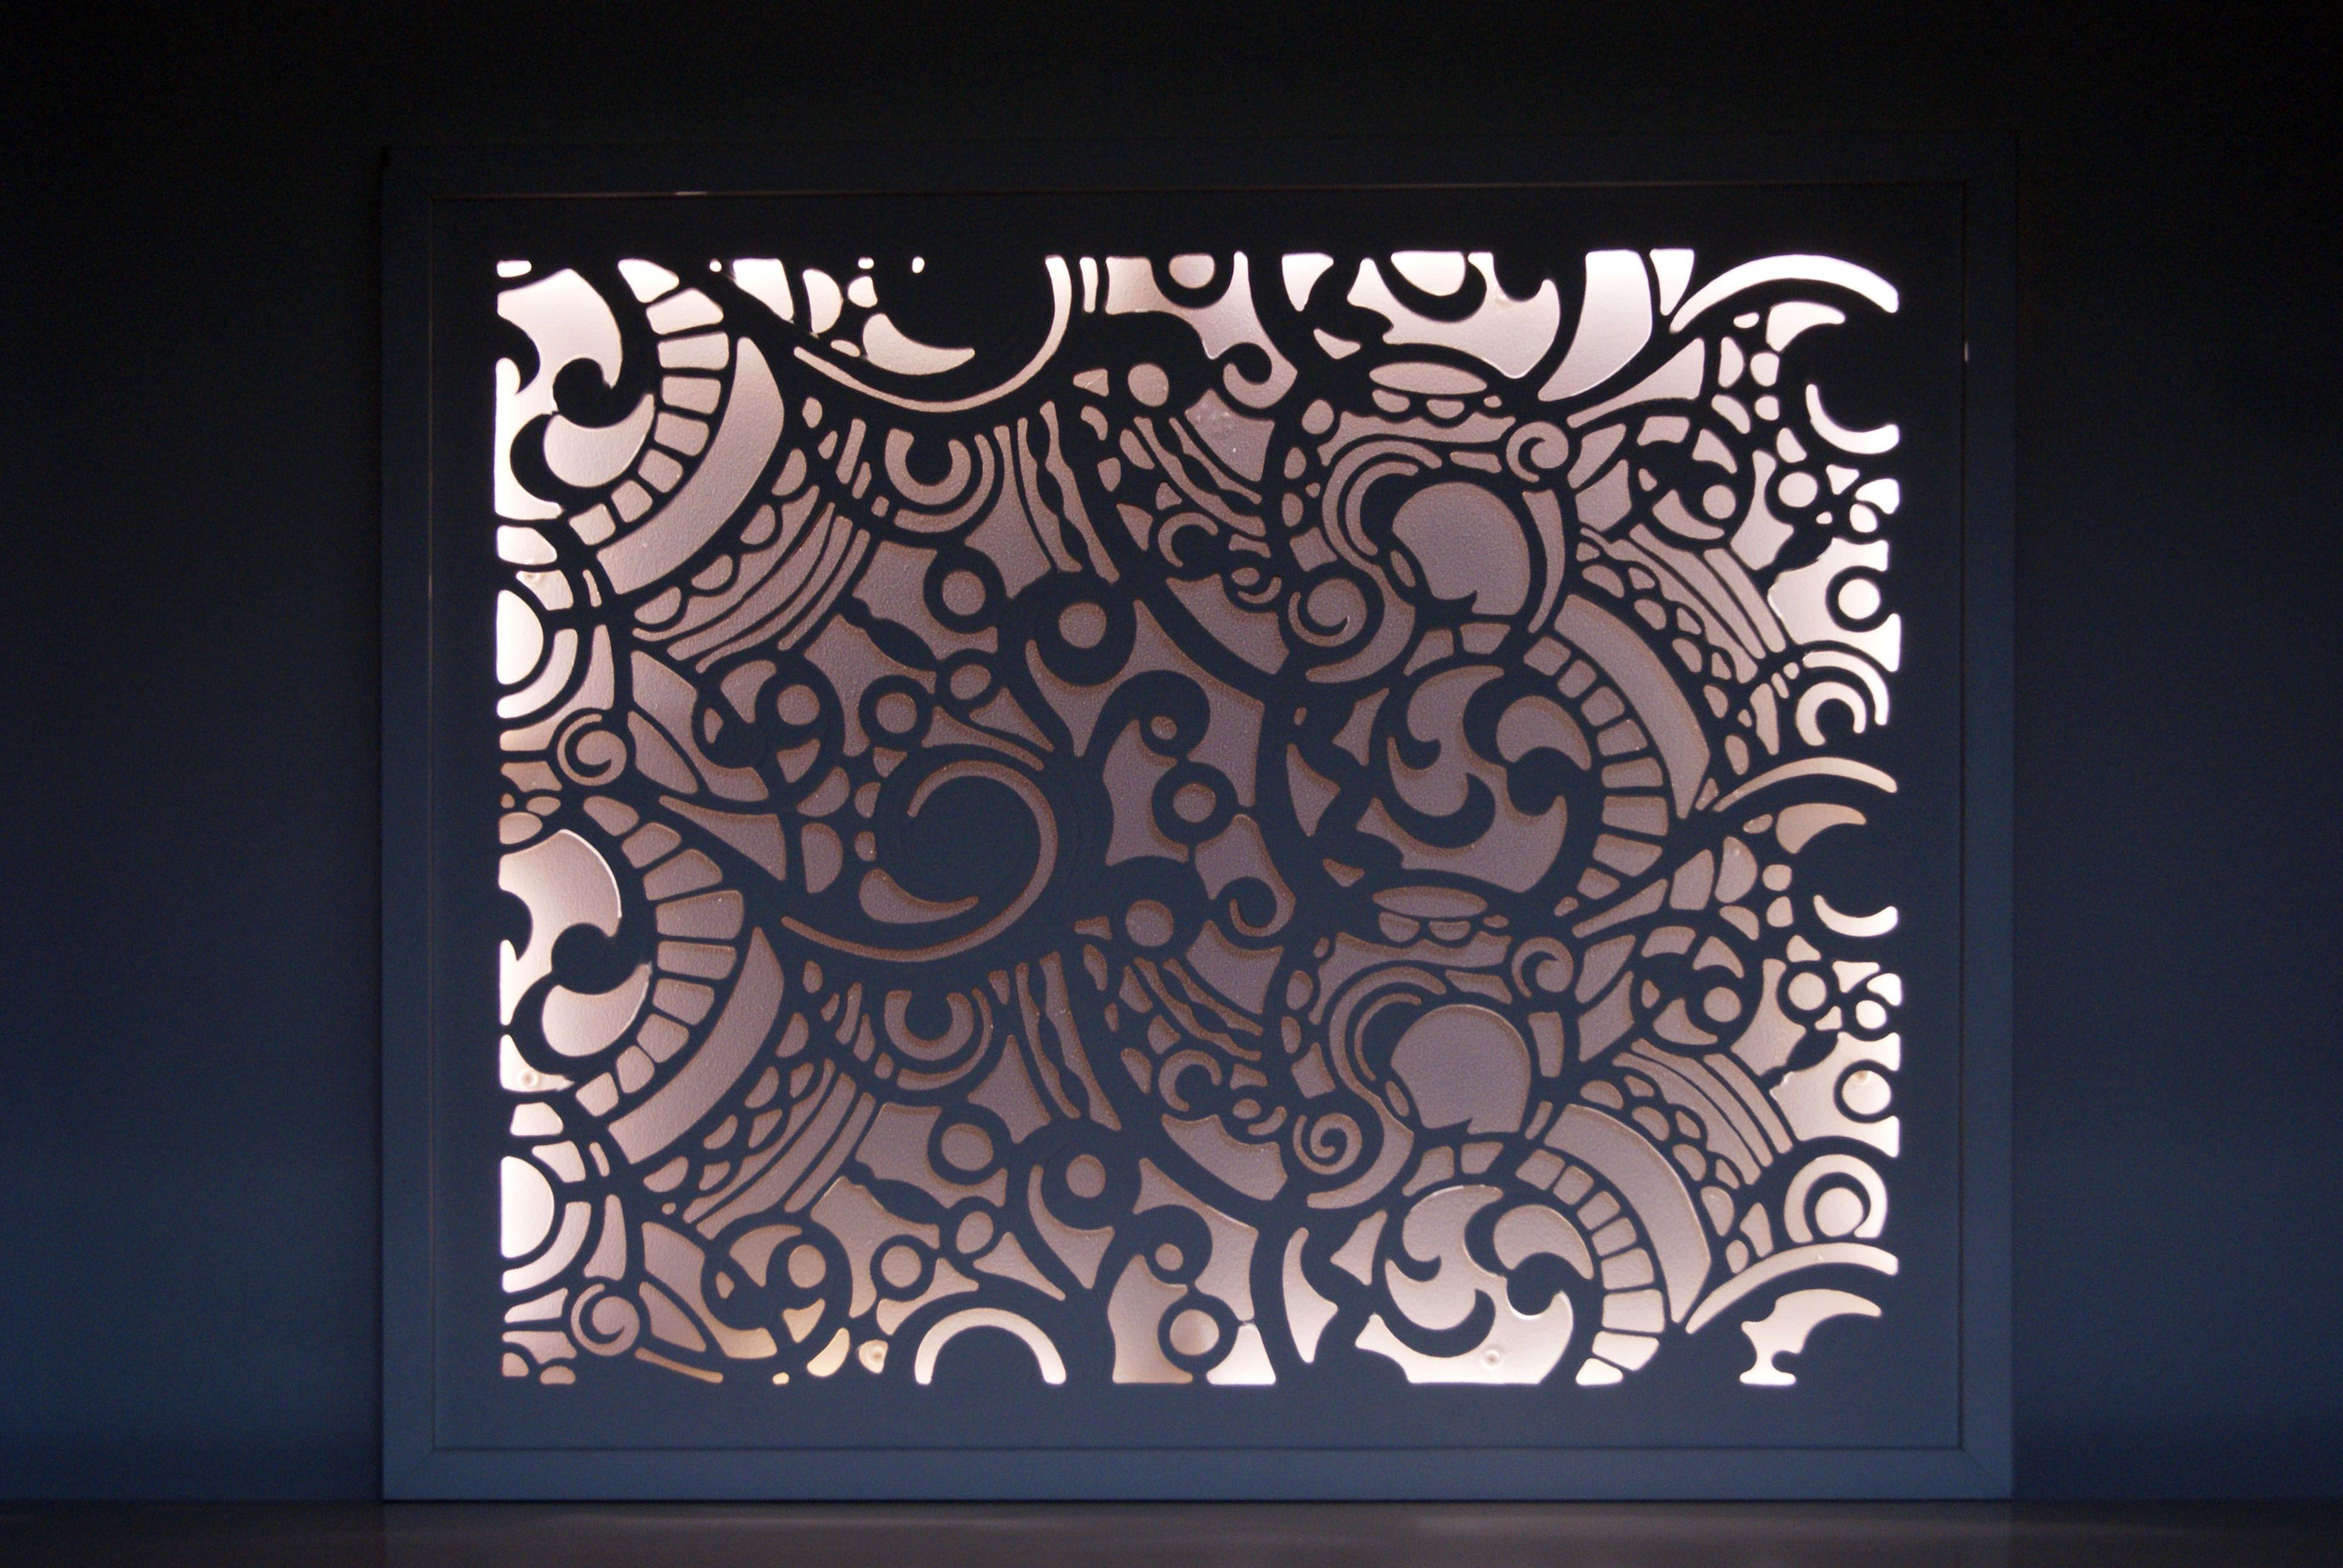 """""""Guipure"""" est une création originale au charme désuet Inspiré des délicates broderies d'antan, ce tableau lumineux au style très """"Shabby"""" joue avec les volutes de la dentelle pour faire danser et vibrer l'ombre et la lumière. Entièrement découpé et gravé à la main.  Dimensions 50*60cm."""